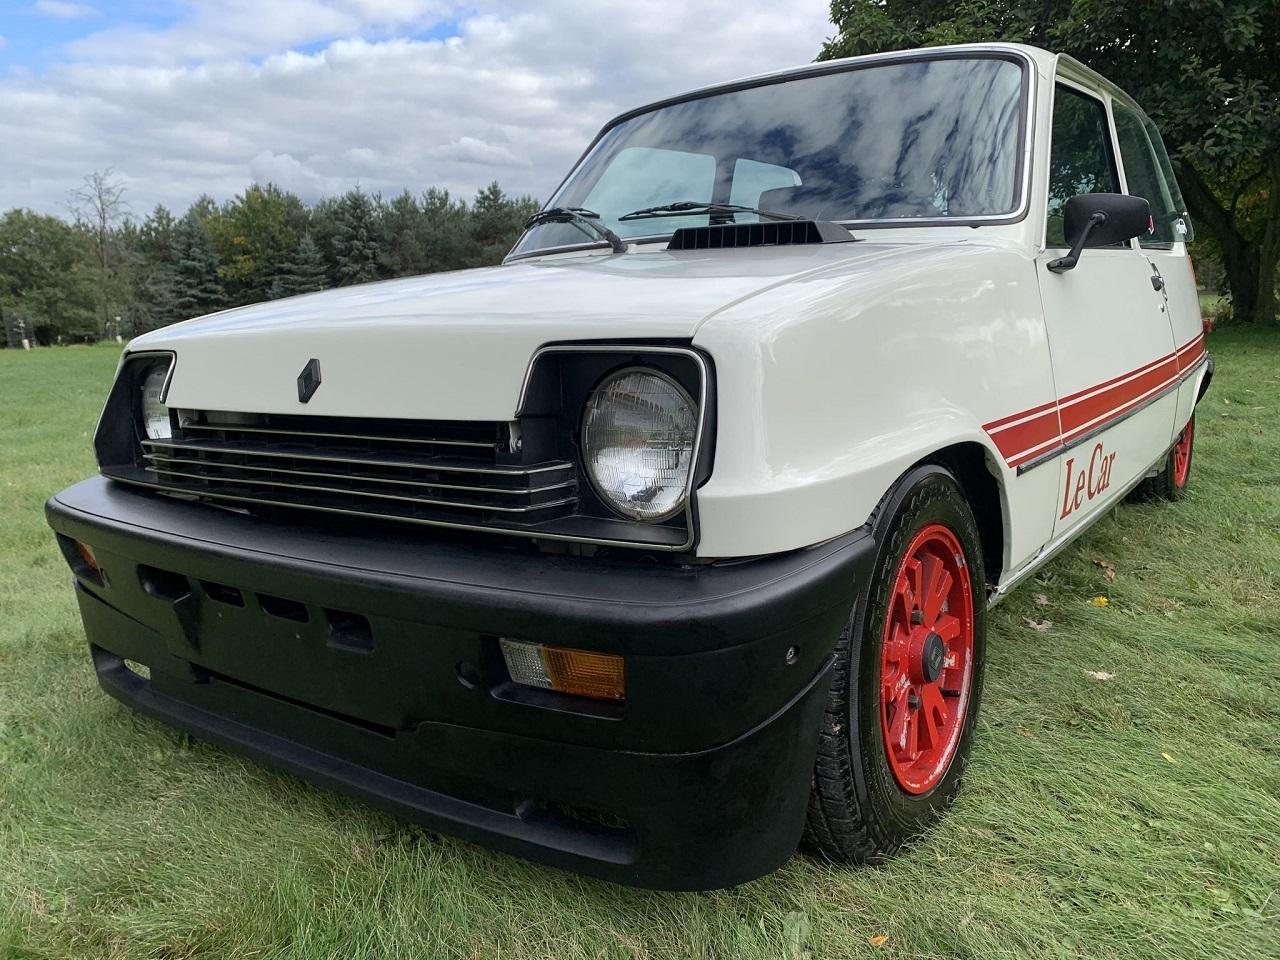 '79 Renault 5 Le Car - A la conquête de l'Amérique ! 12